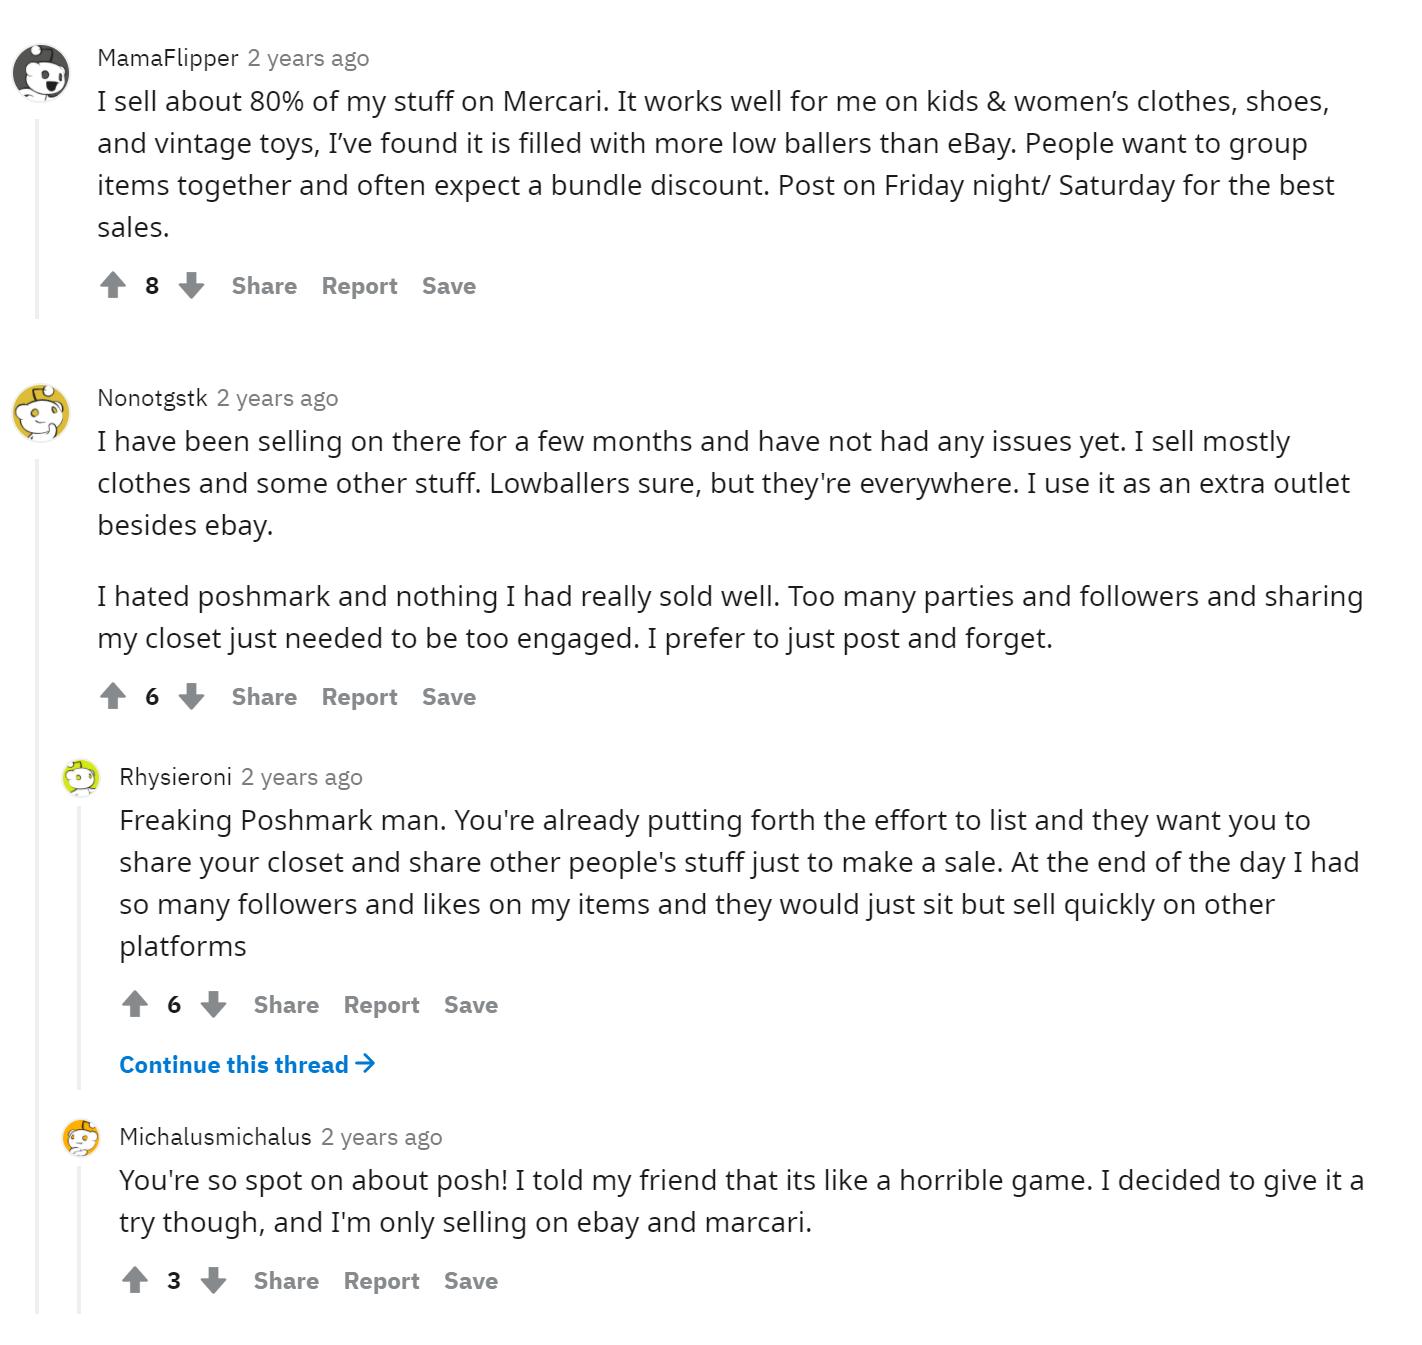 mercari reddit reviews